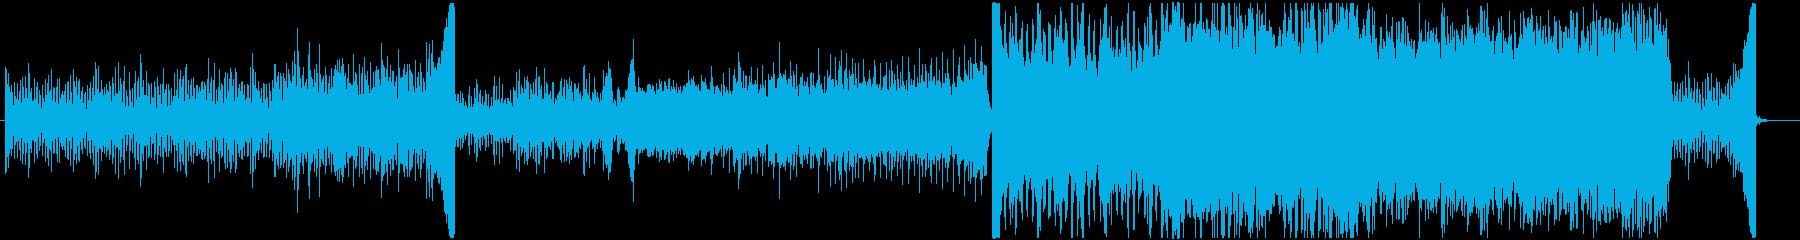 ものづくり・ワクワク系の動画BGMに最適の再生済みの波形